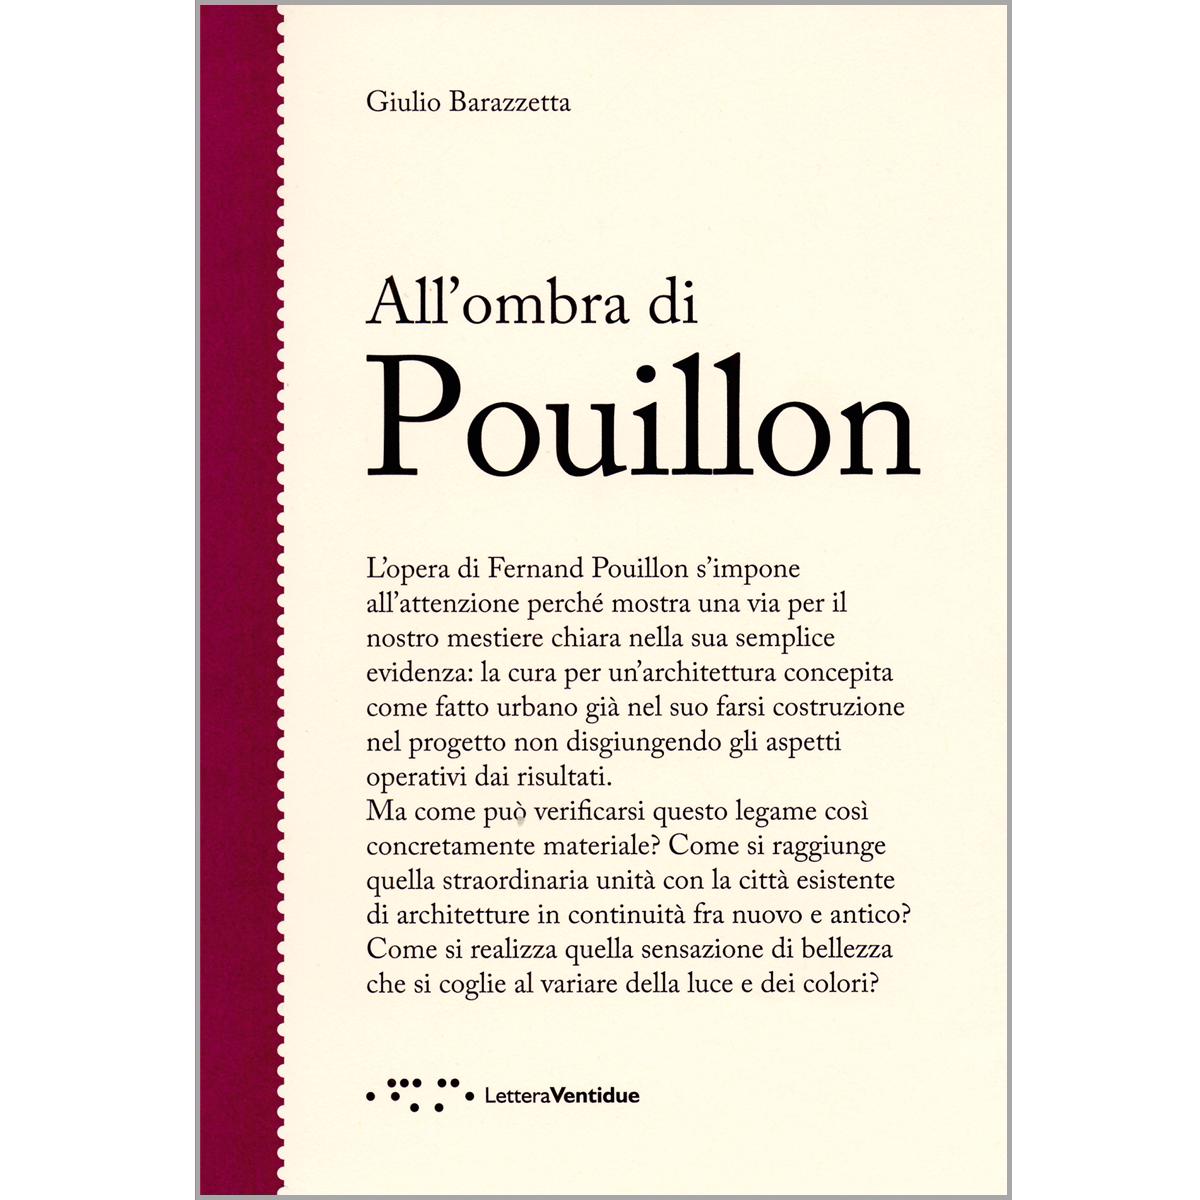 All'ombra di Pouillon